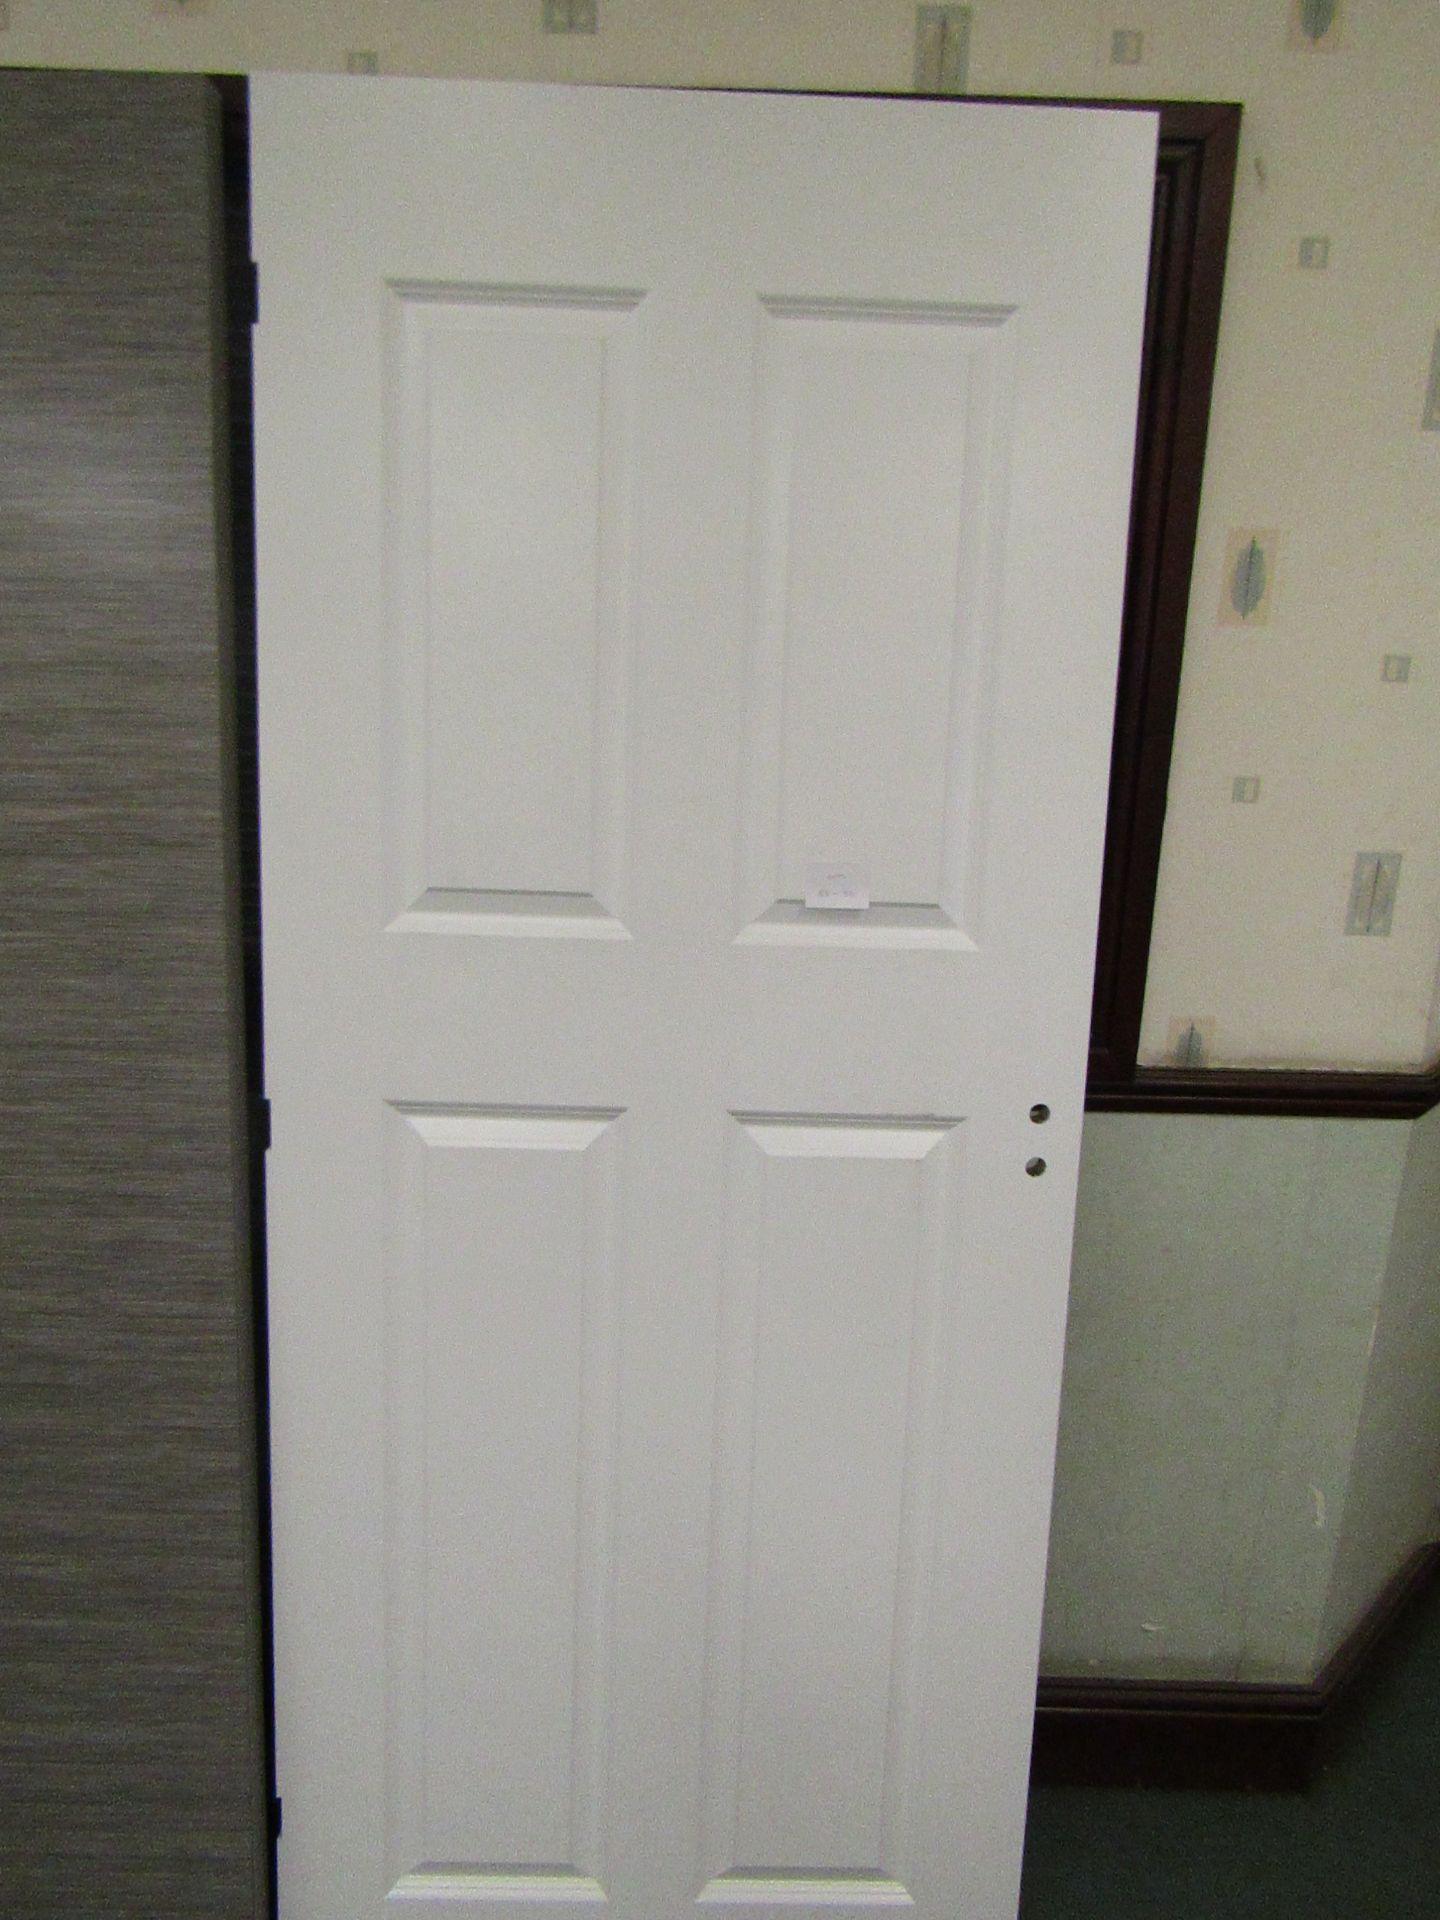 Lot 46 - Premdoor 4 Panel Smooth interior door 838mm wide, unused